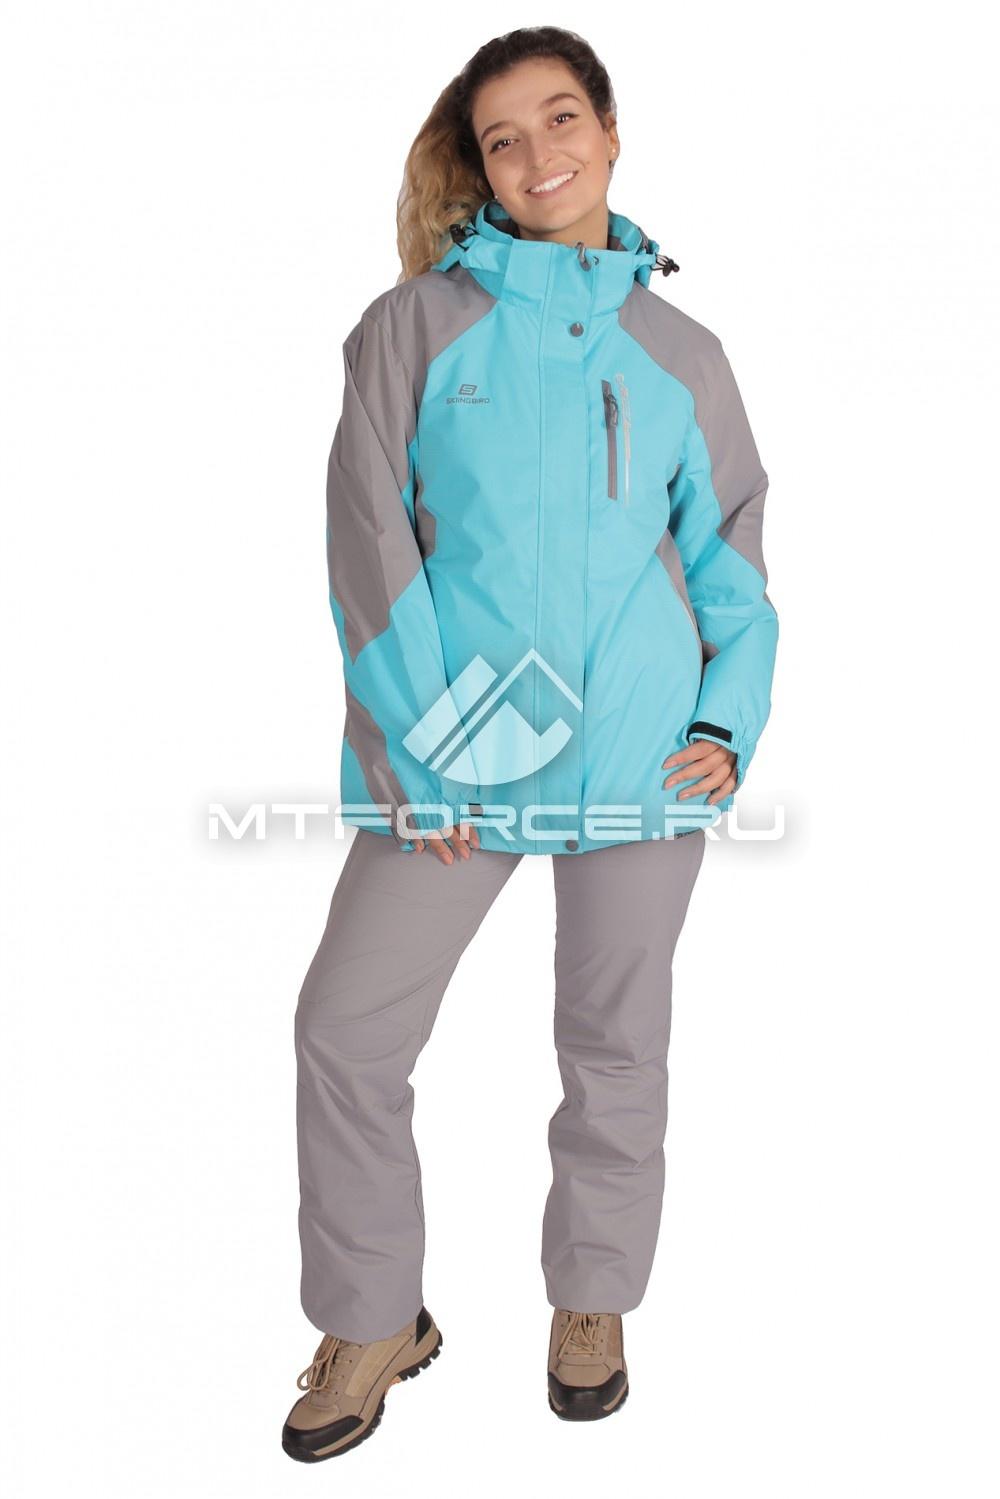 Купить                                  оптом Костюм большого размера женский голубого цвета 01762G